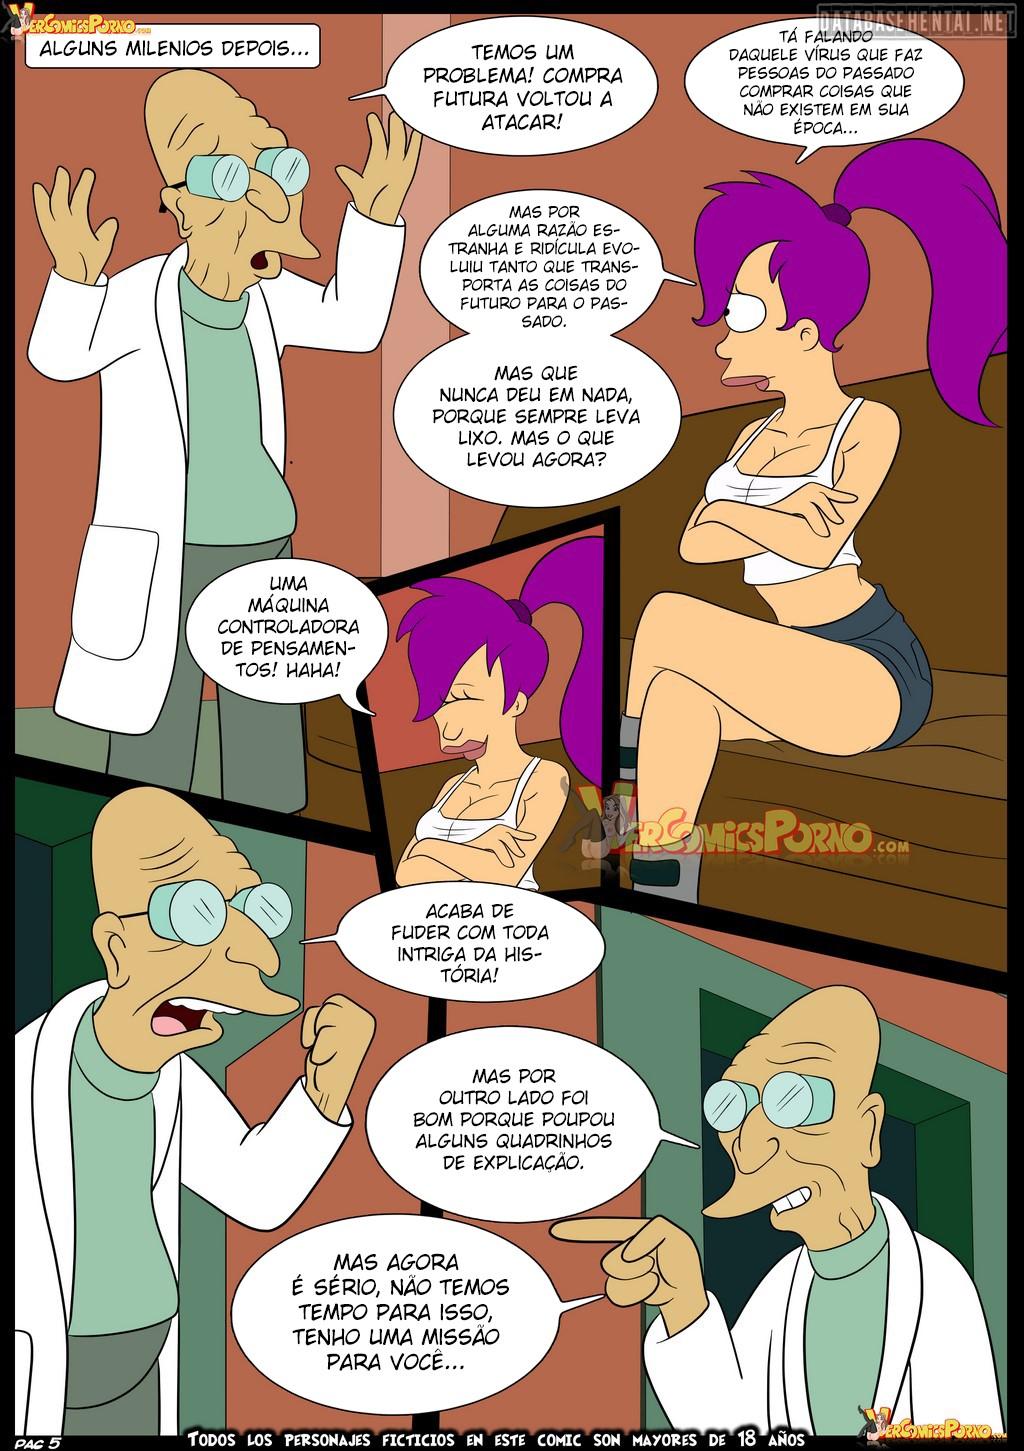 Simpsons Pornovideo mit Dreier - PORNOHEITCOM